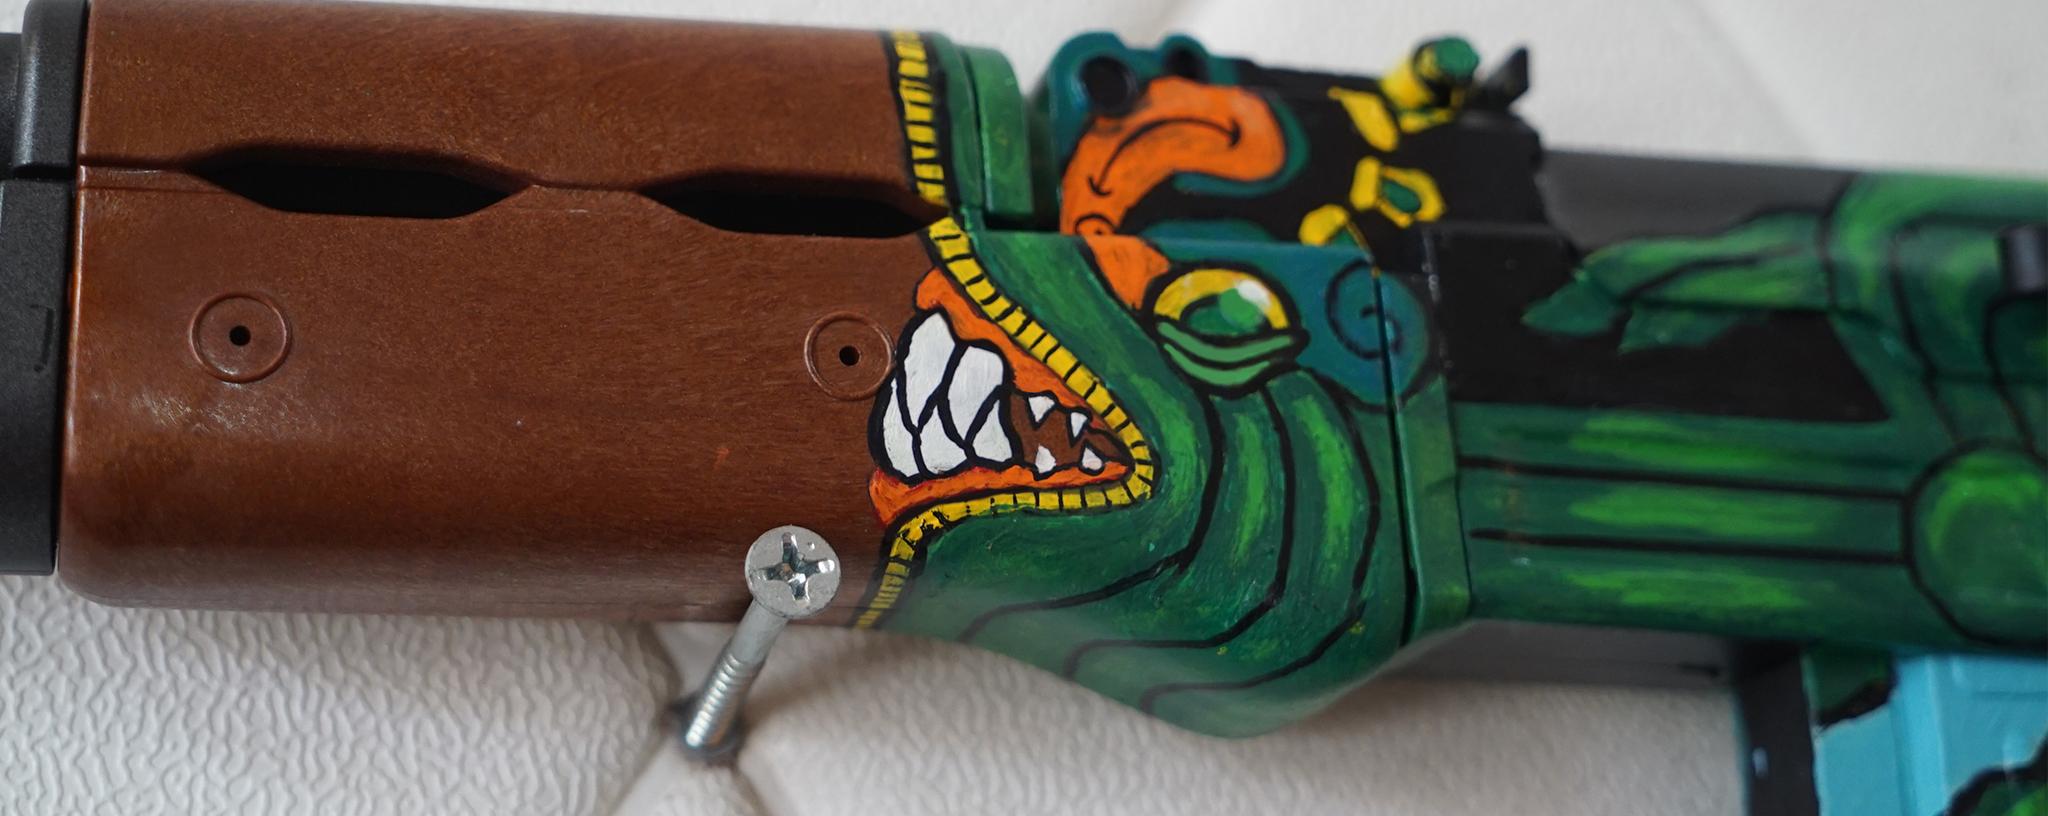 Súng đồ chơi AK47 Fire Serpent CSGO số 1